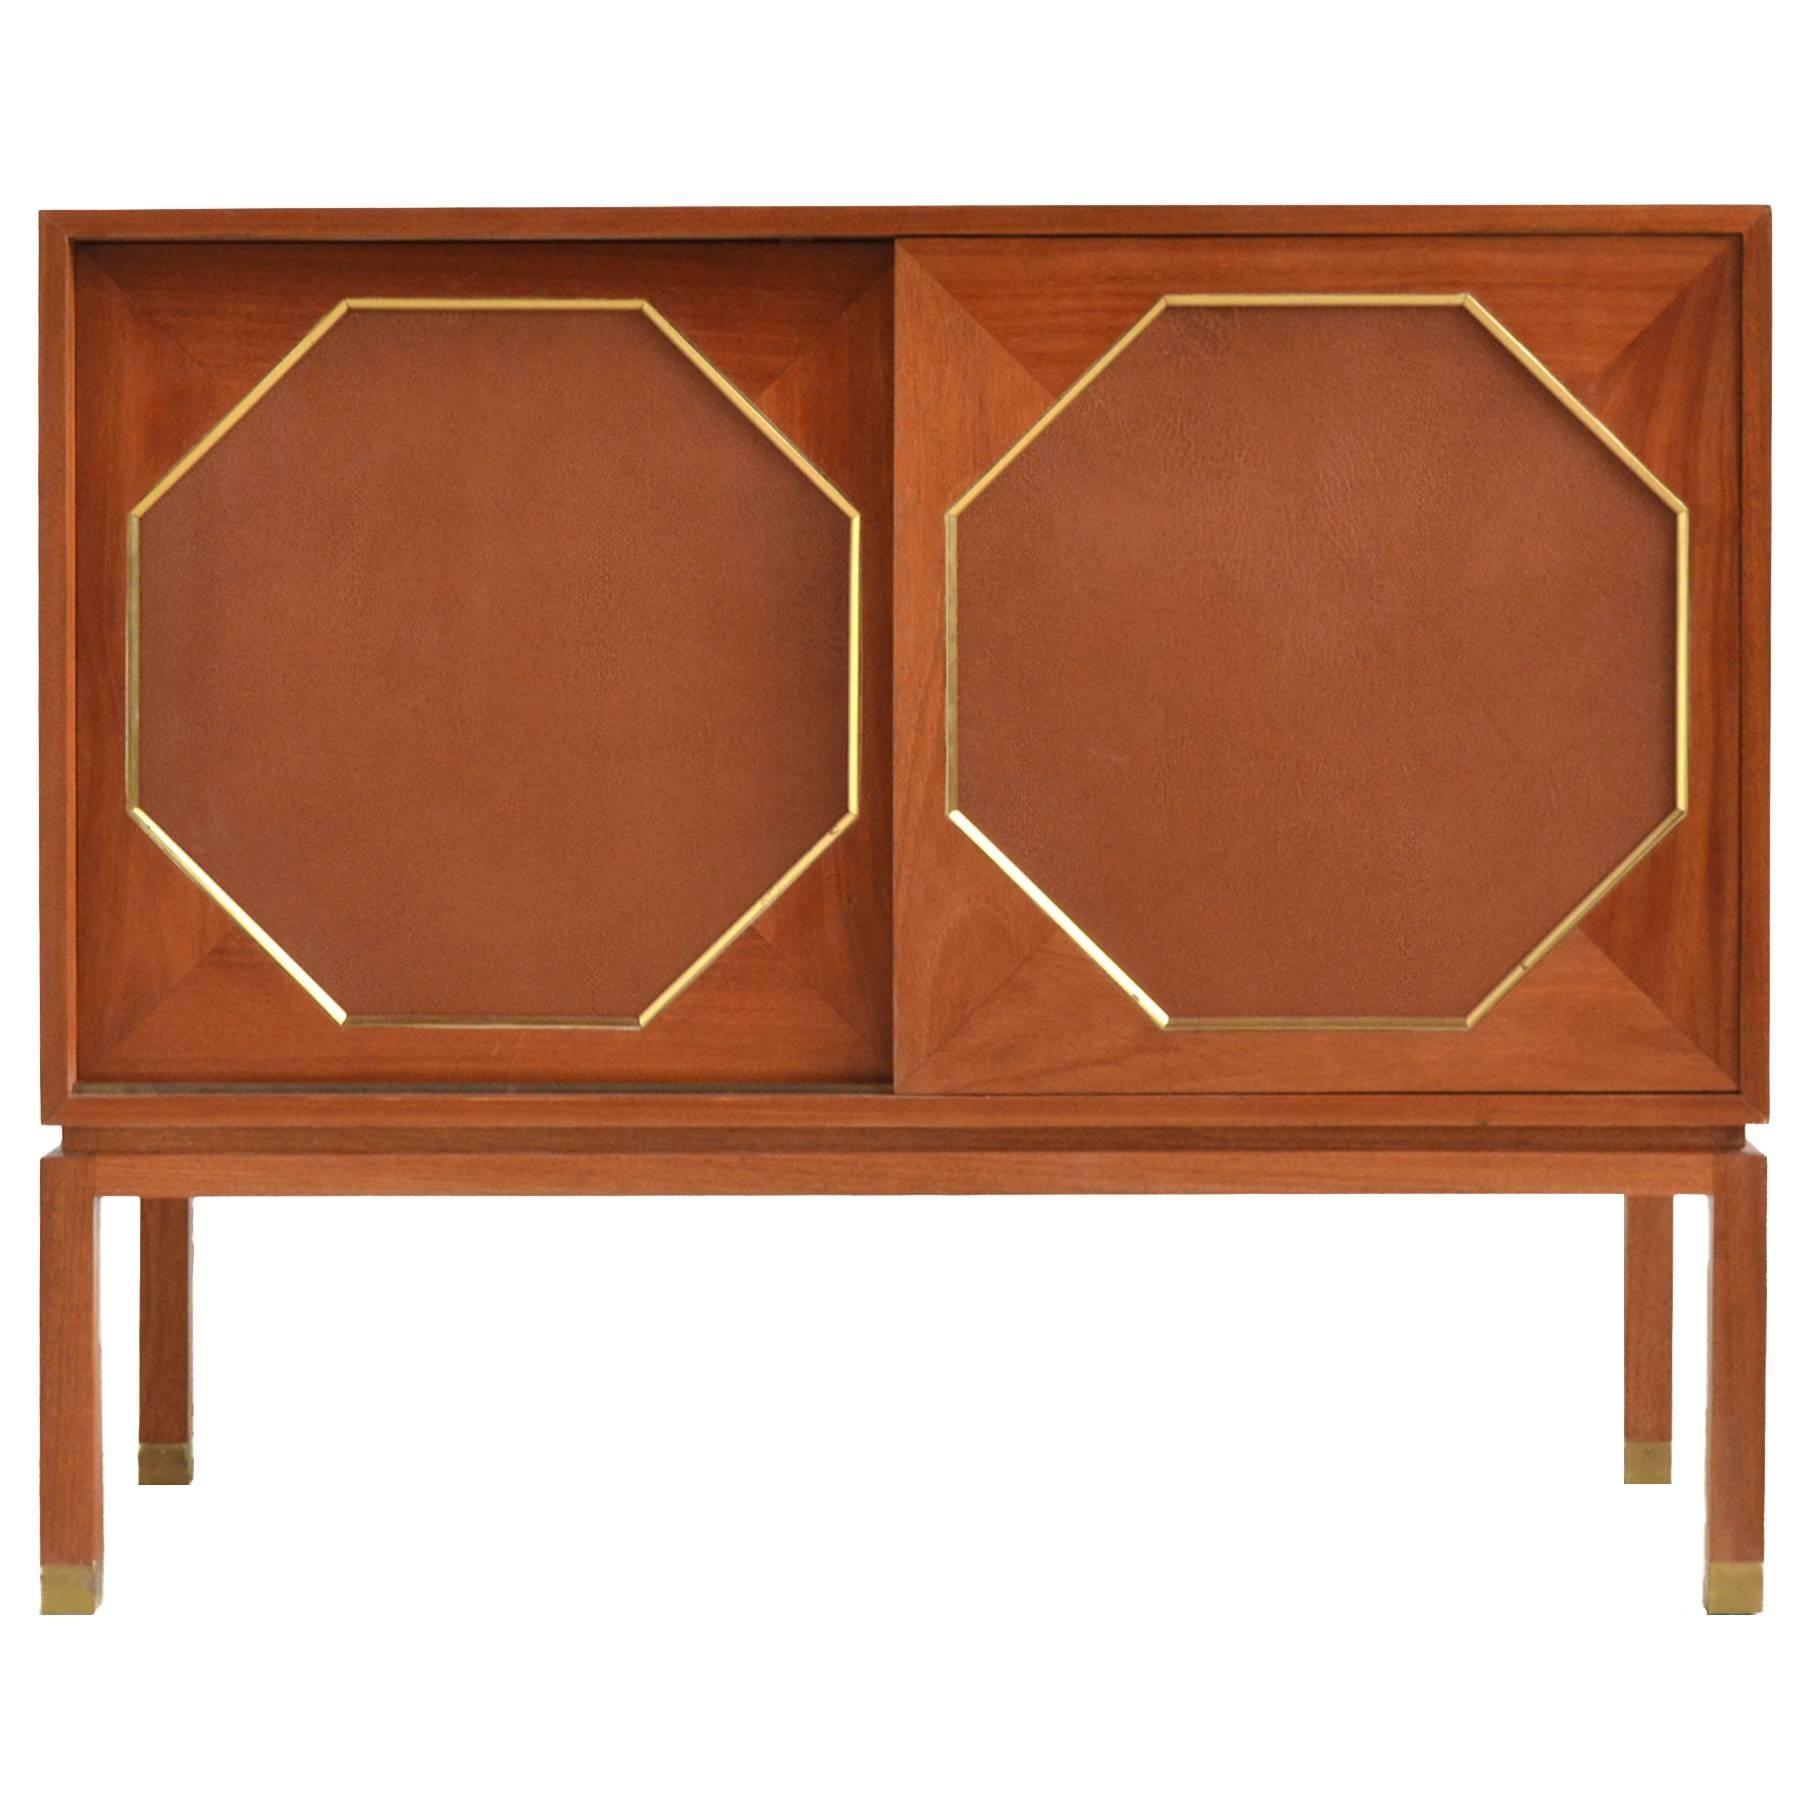 Harvey Probber Two-Door Cabinet